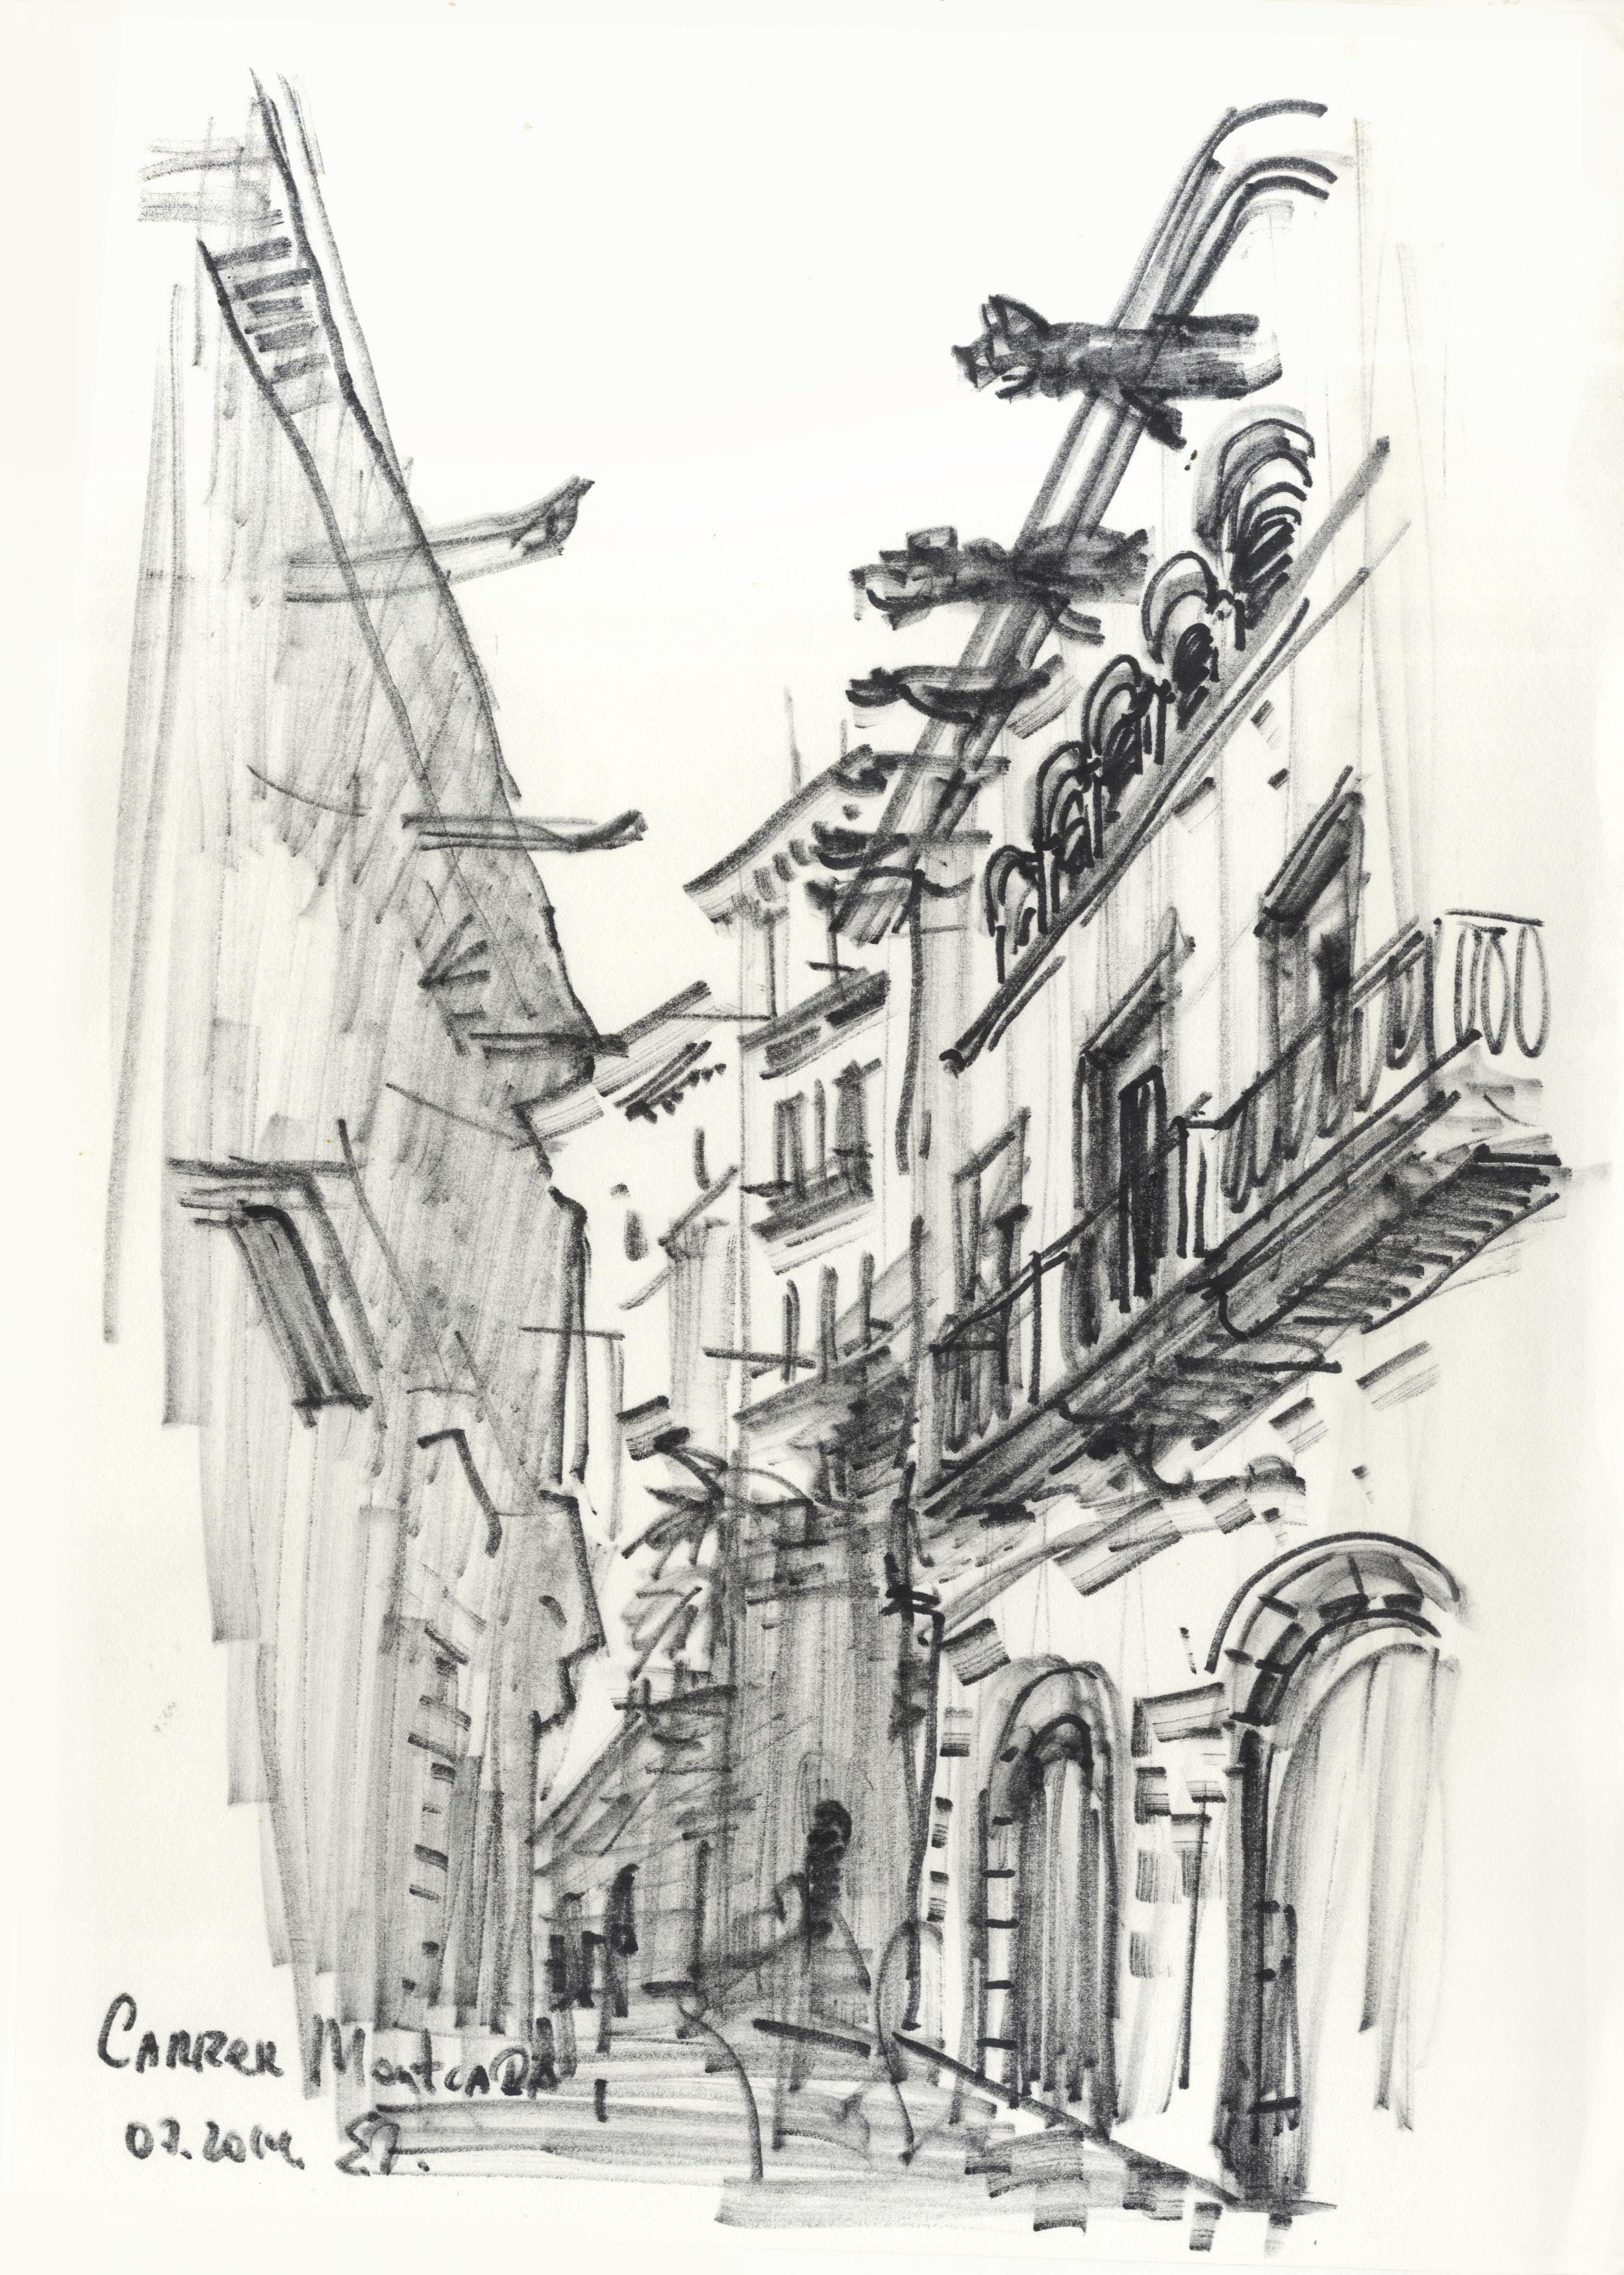 Gothic quarter. Carrer Montcada.